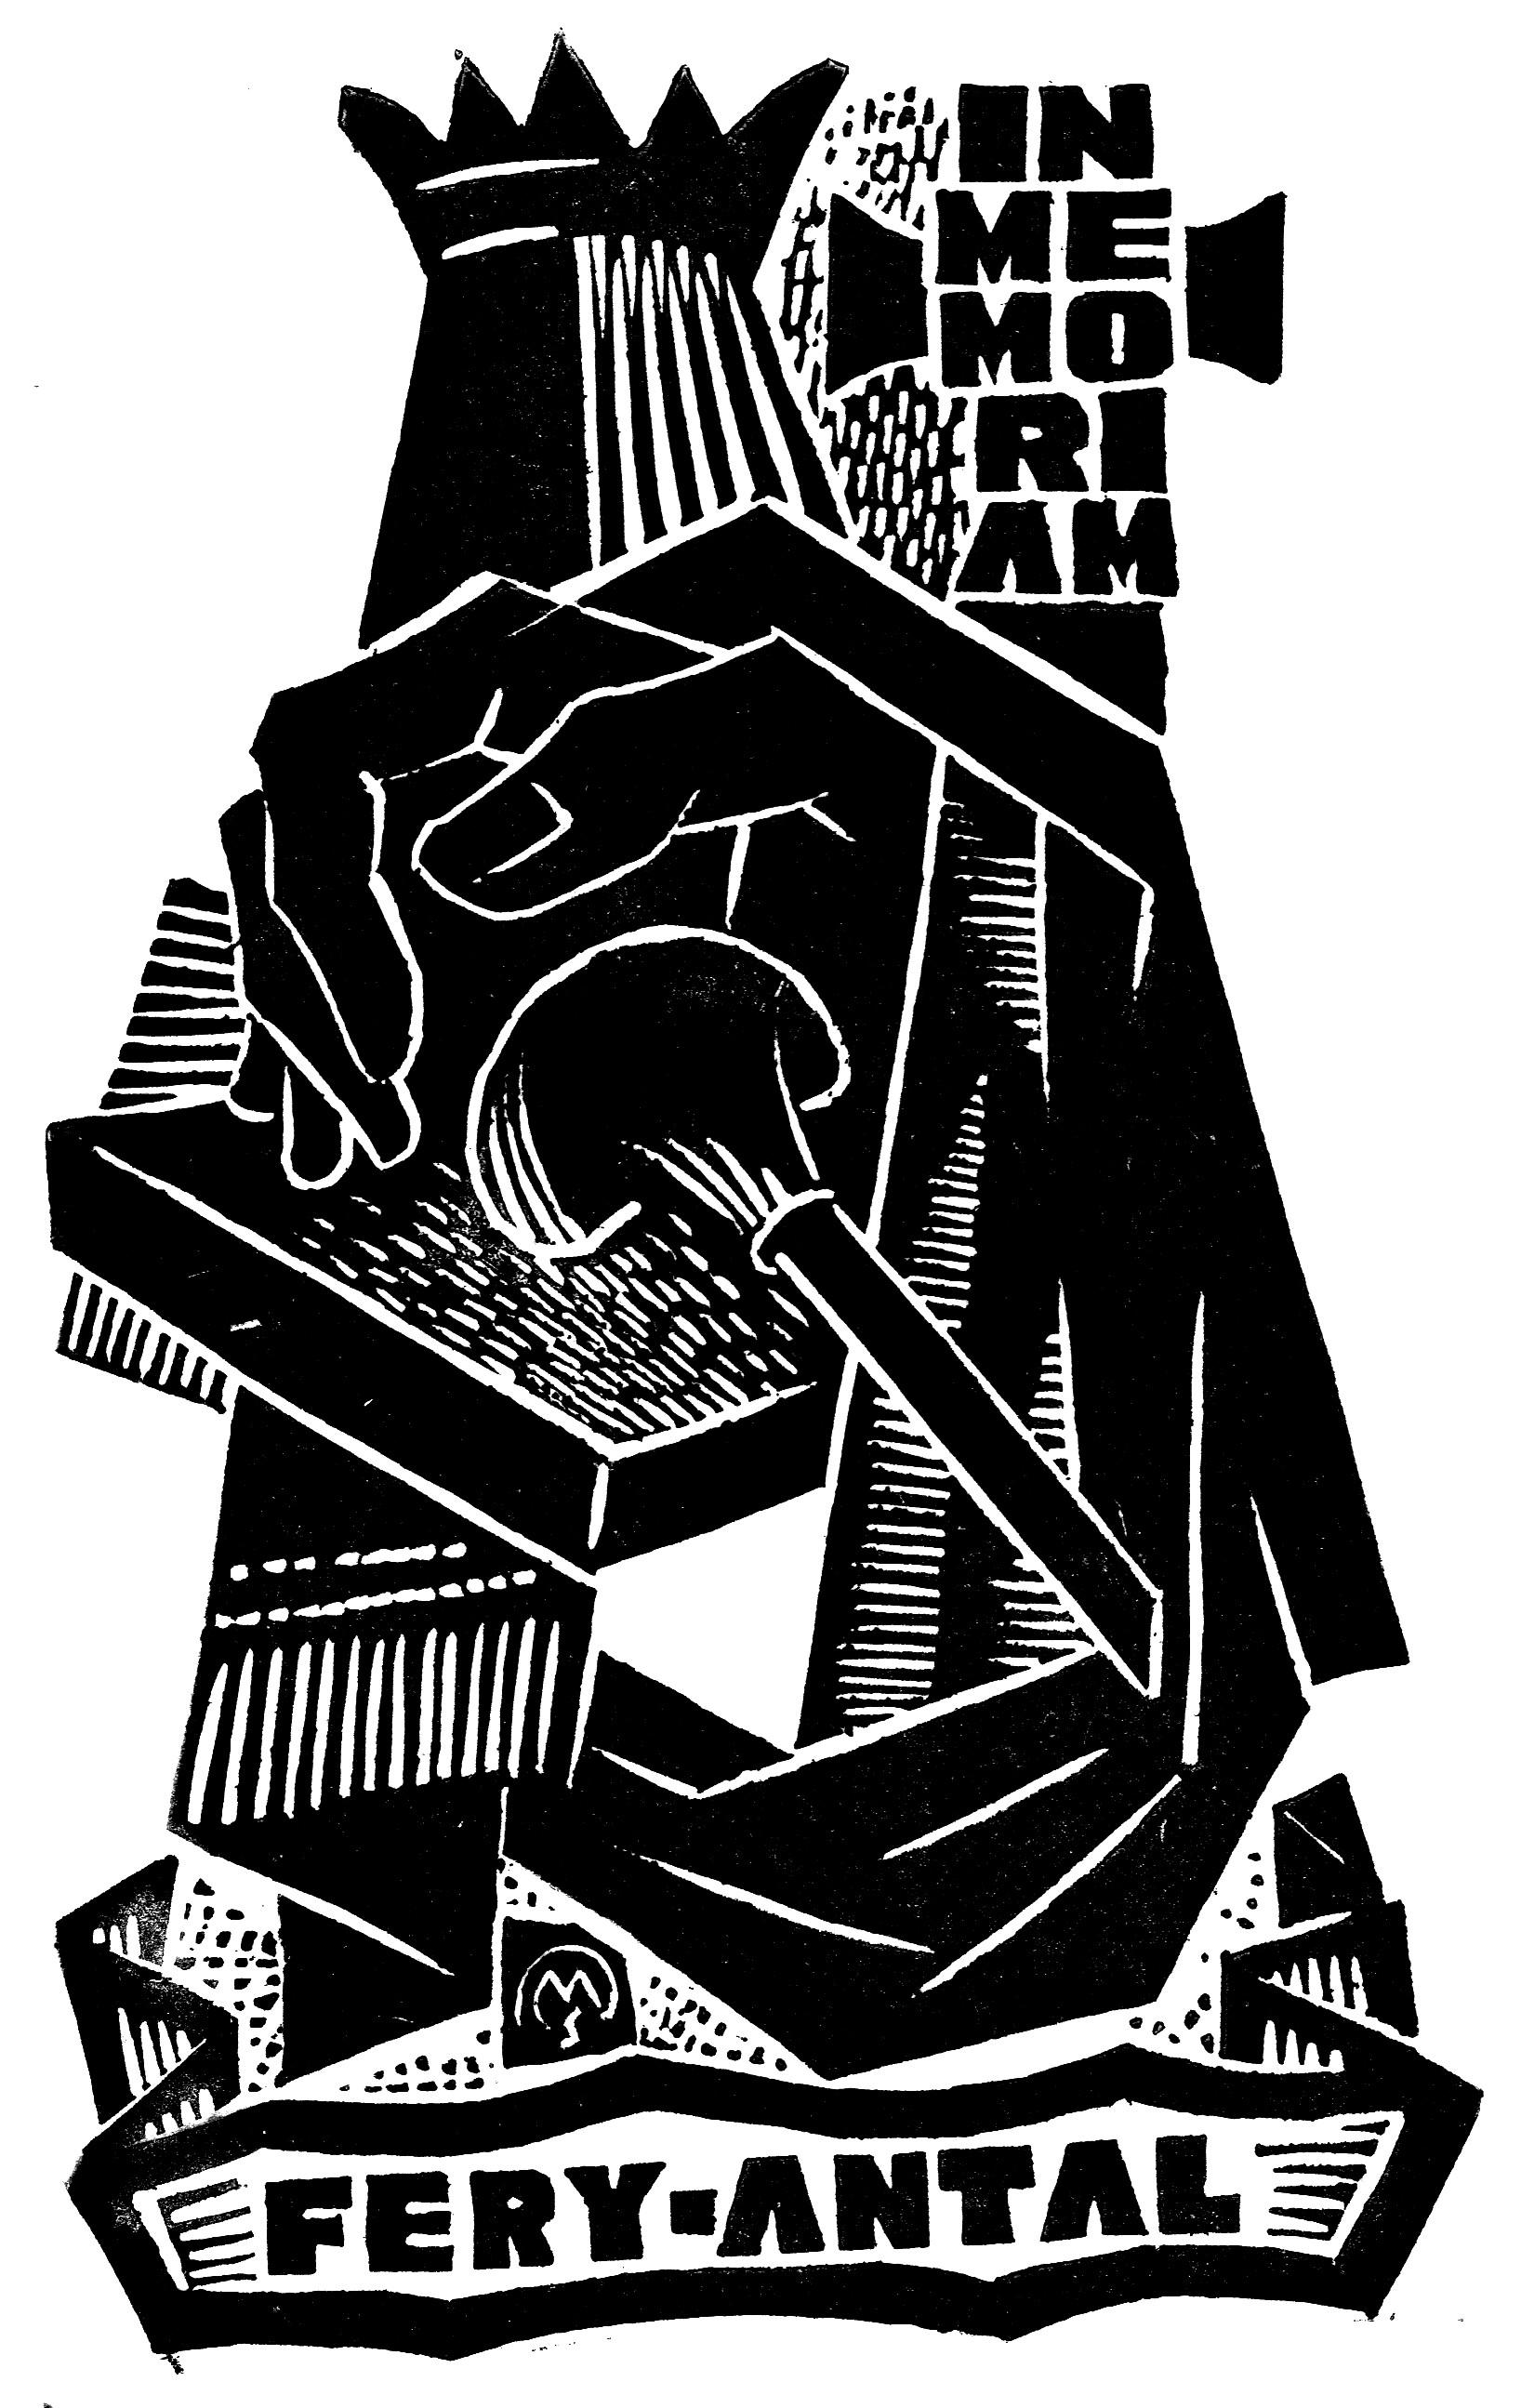 In memoriam Fery Antal (Csiby/246, OSZK Plakát- és Kisnyomtatványtár)